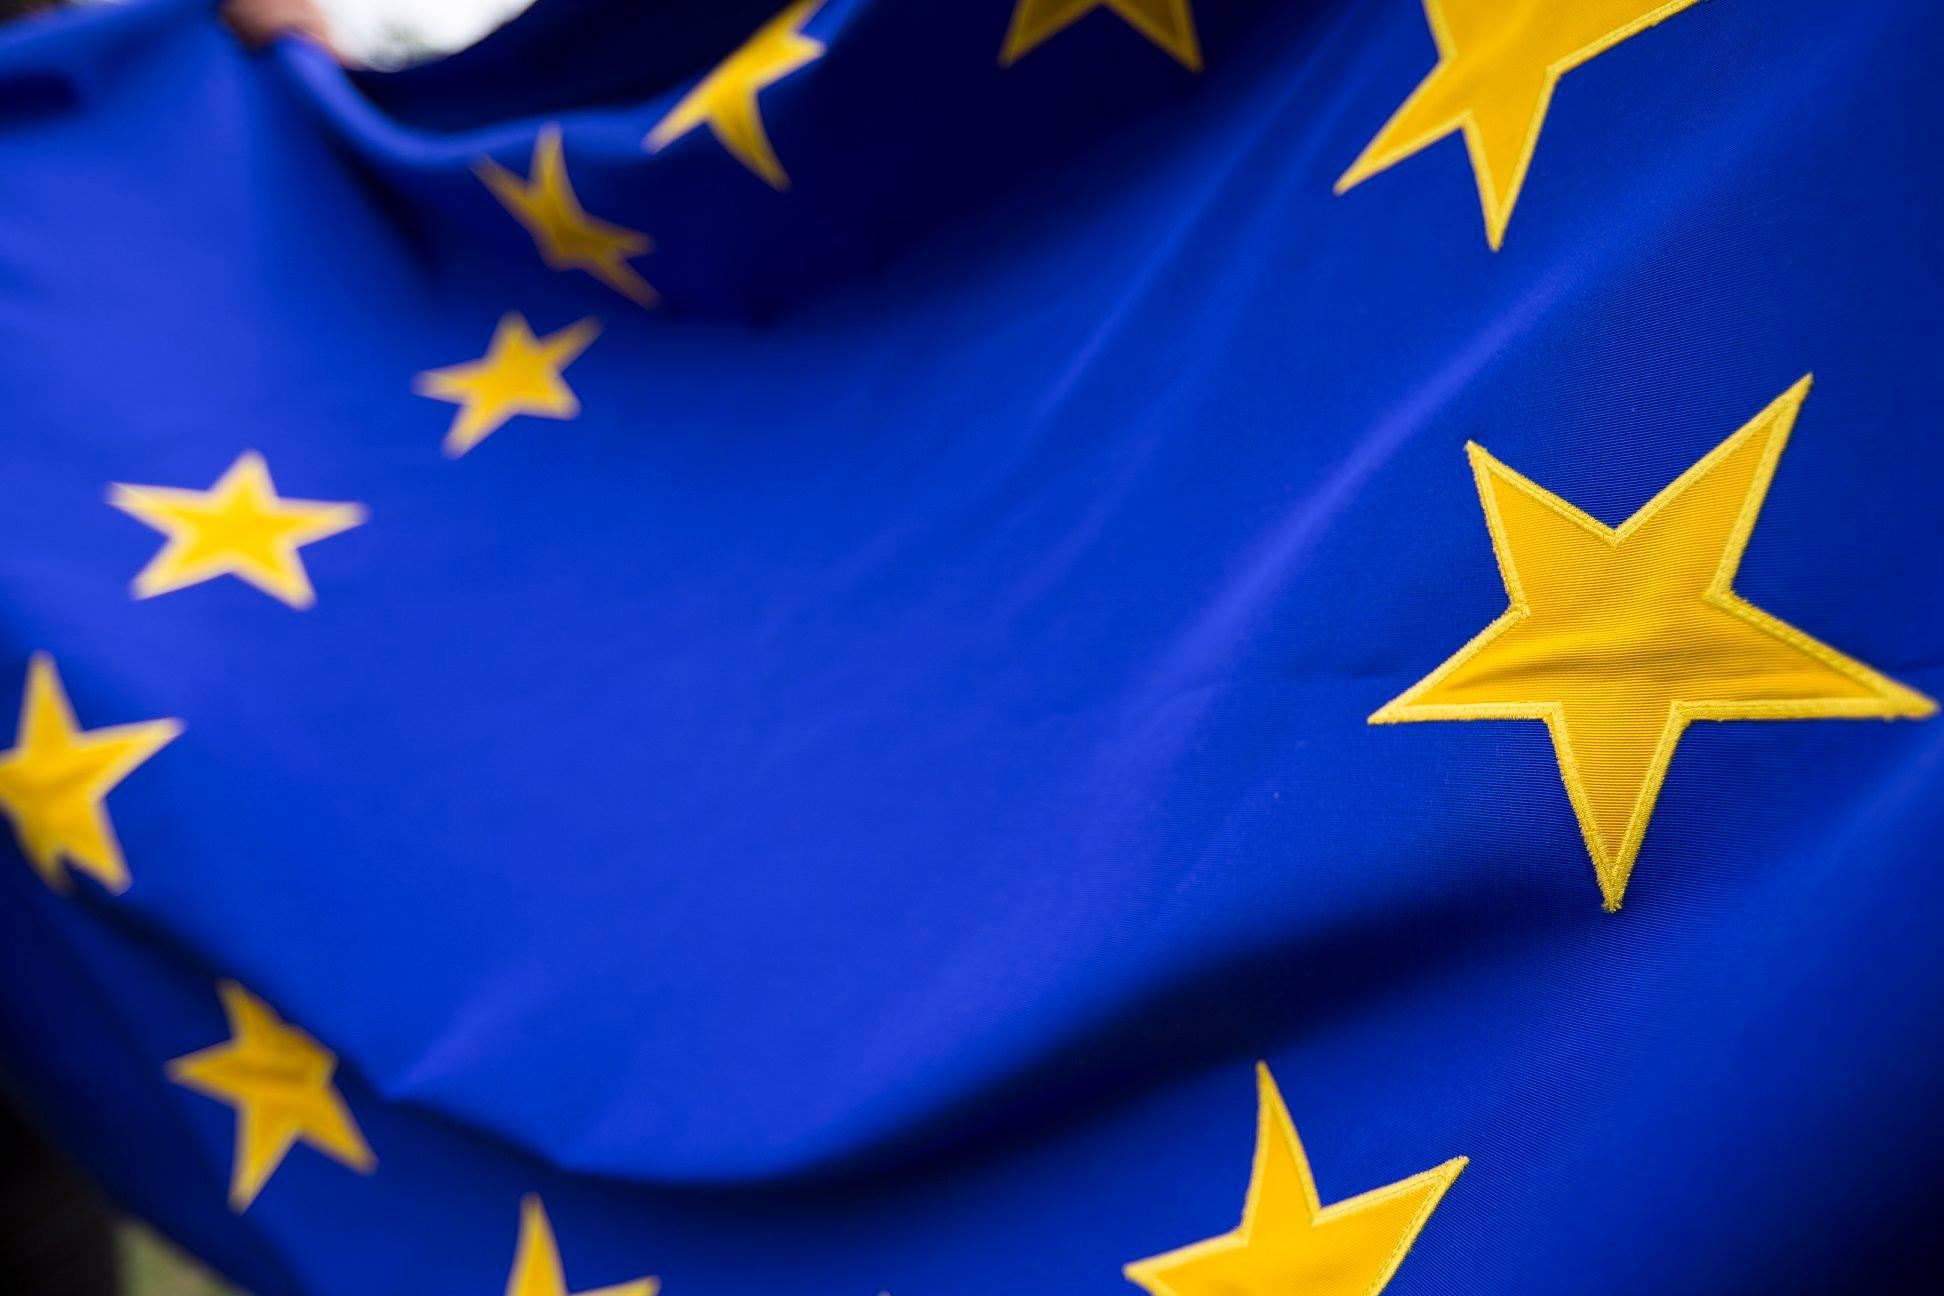 Commissione MARE IN BOCCA AIUTI DI STATO Ue Consumatori Appalti Pubblici